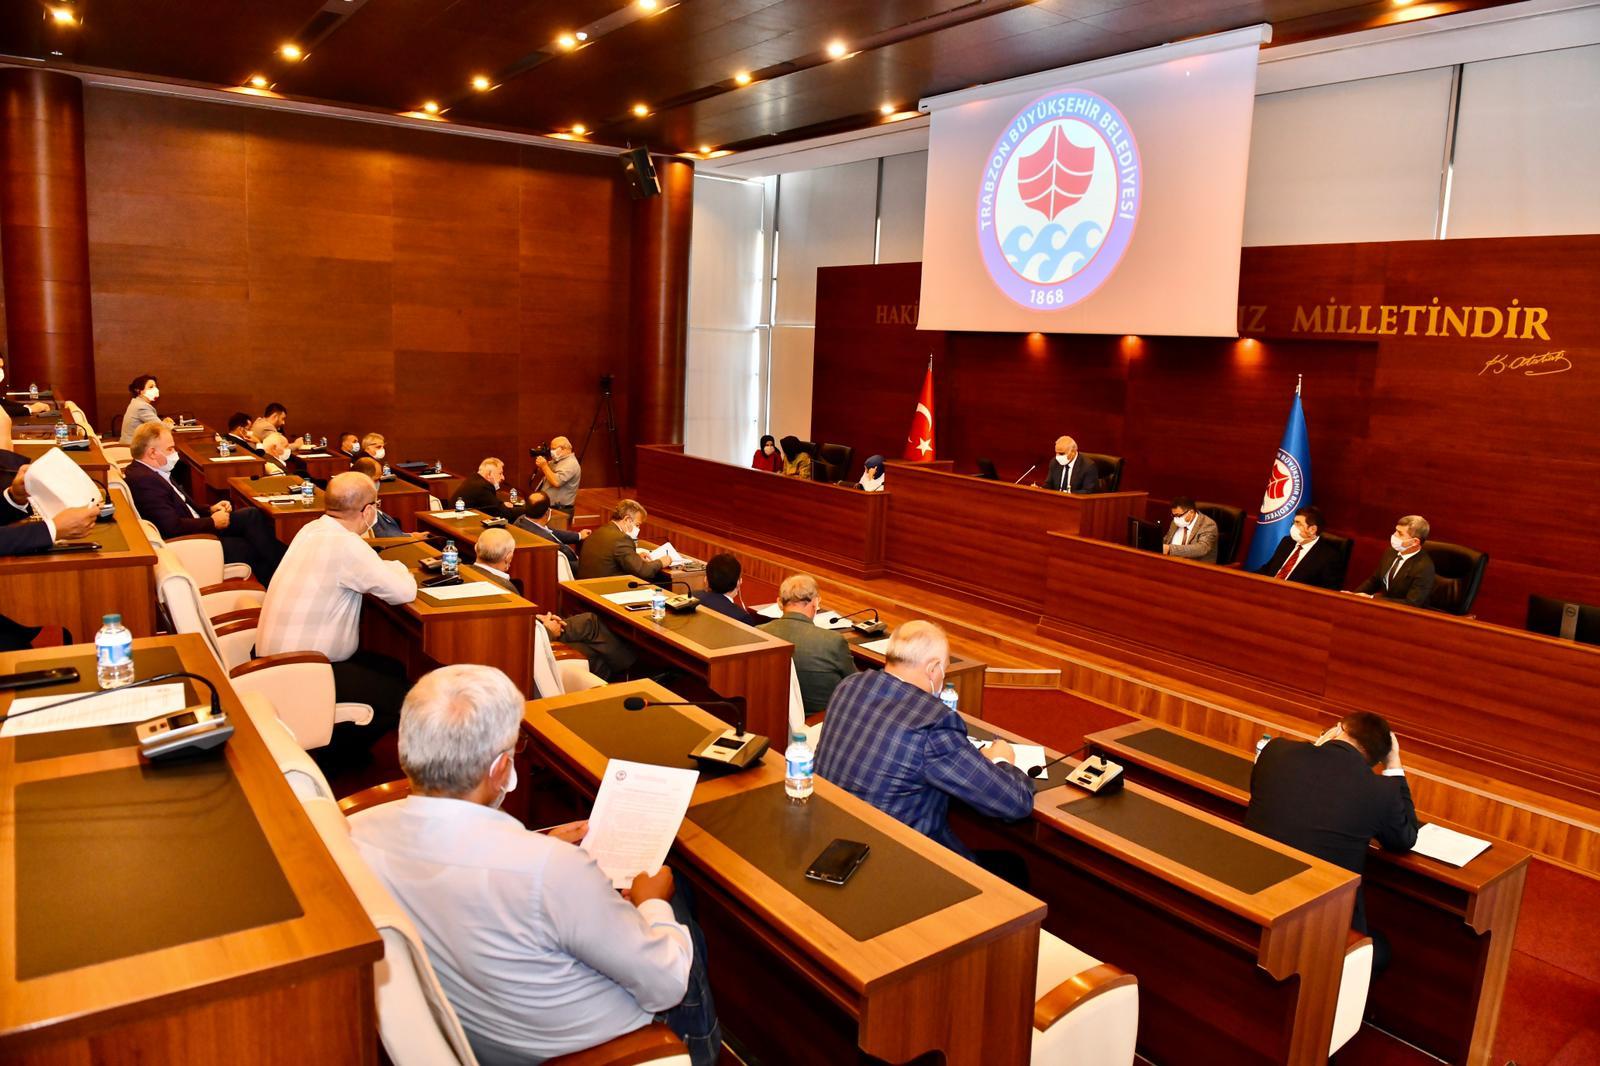 Büyükşehir Belediye Meclisi Ekim Ayı İlk Toplantısı Yapıldı